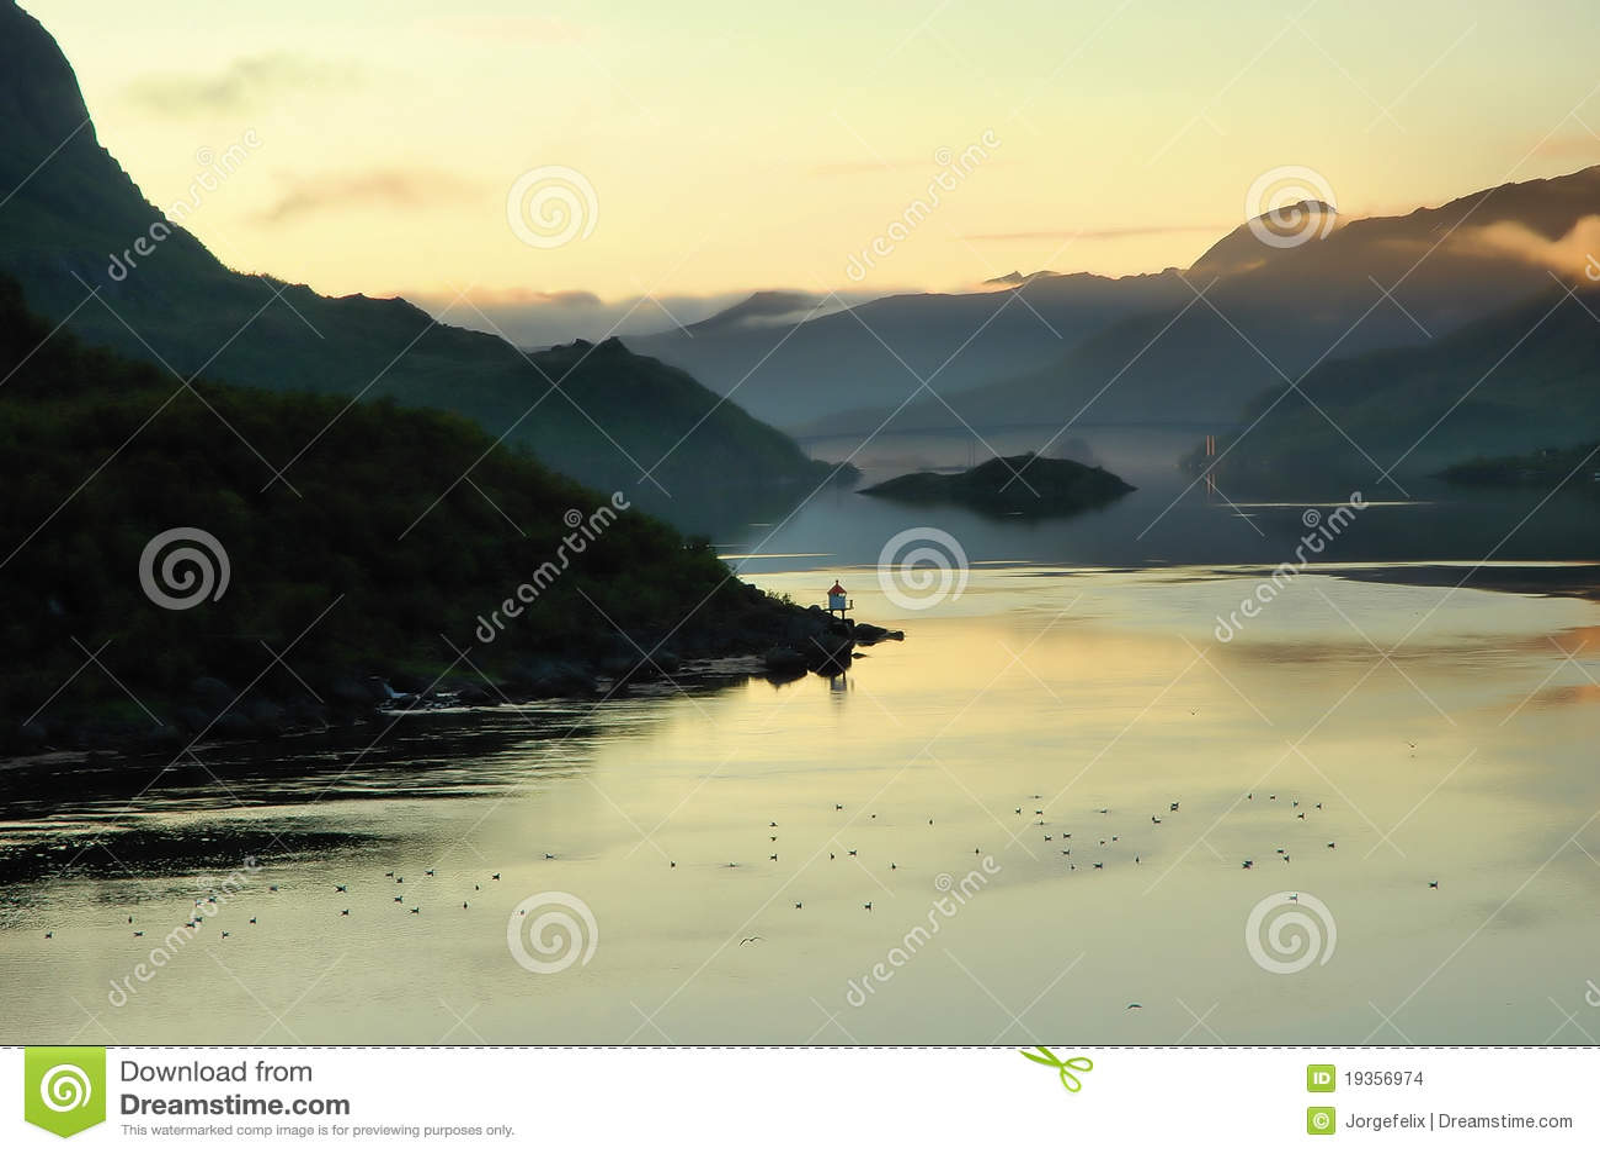 Fjord estreito com margens montanhosas sob o mornin